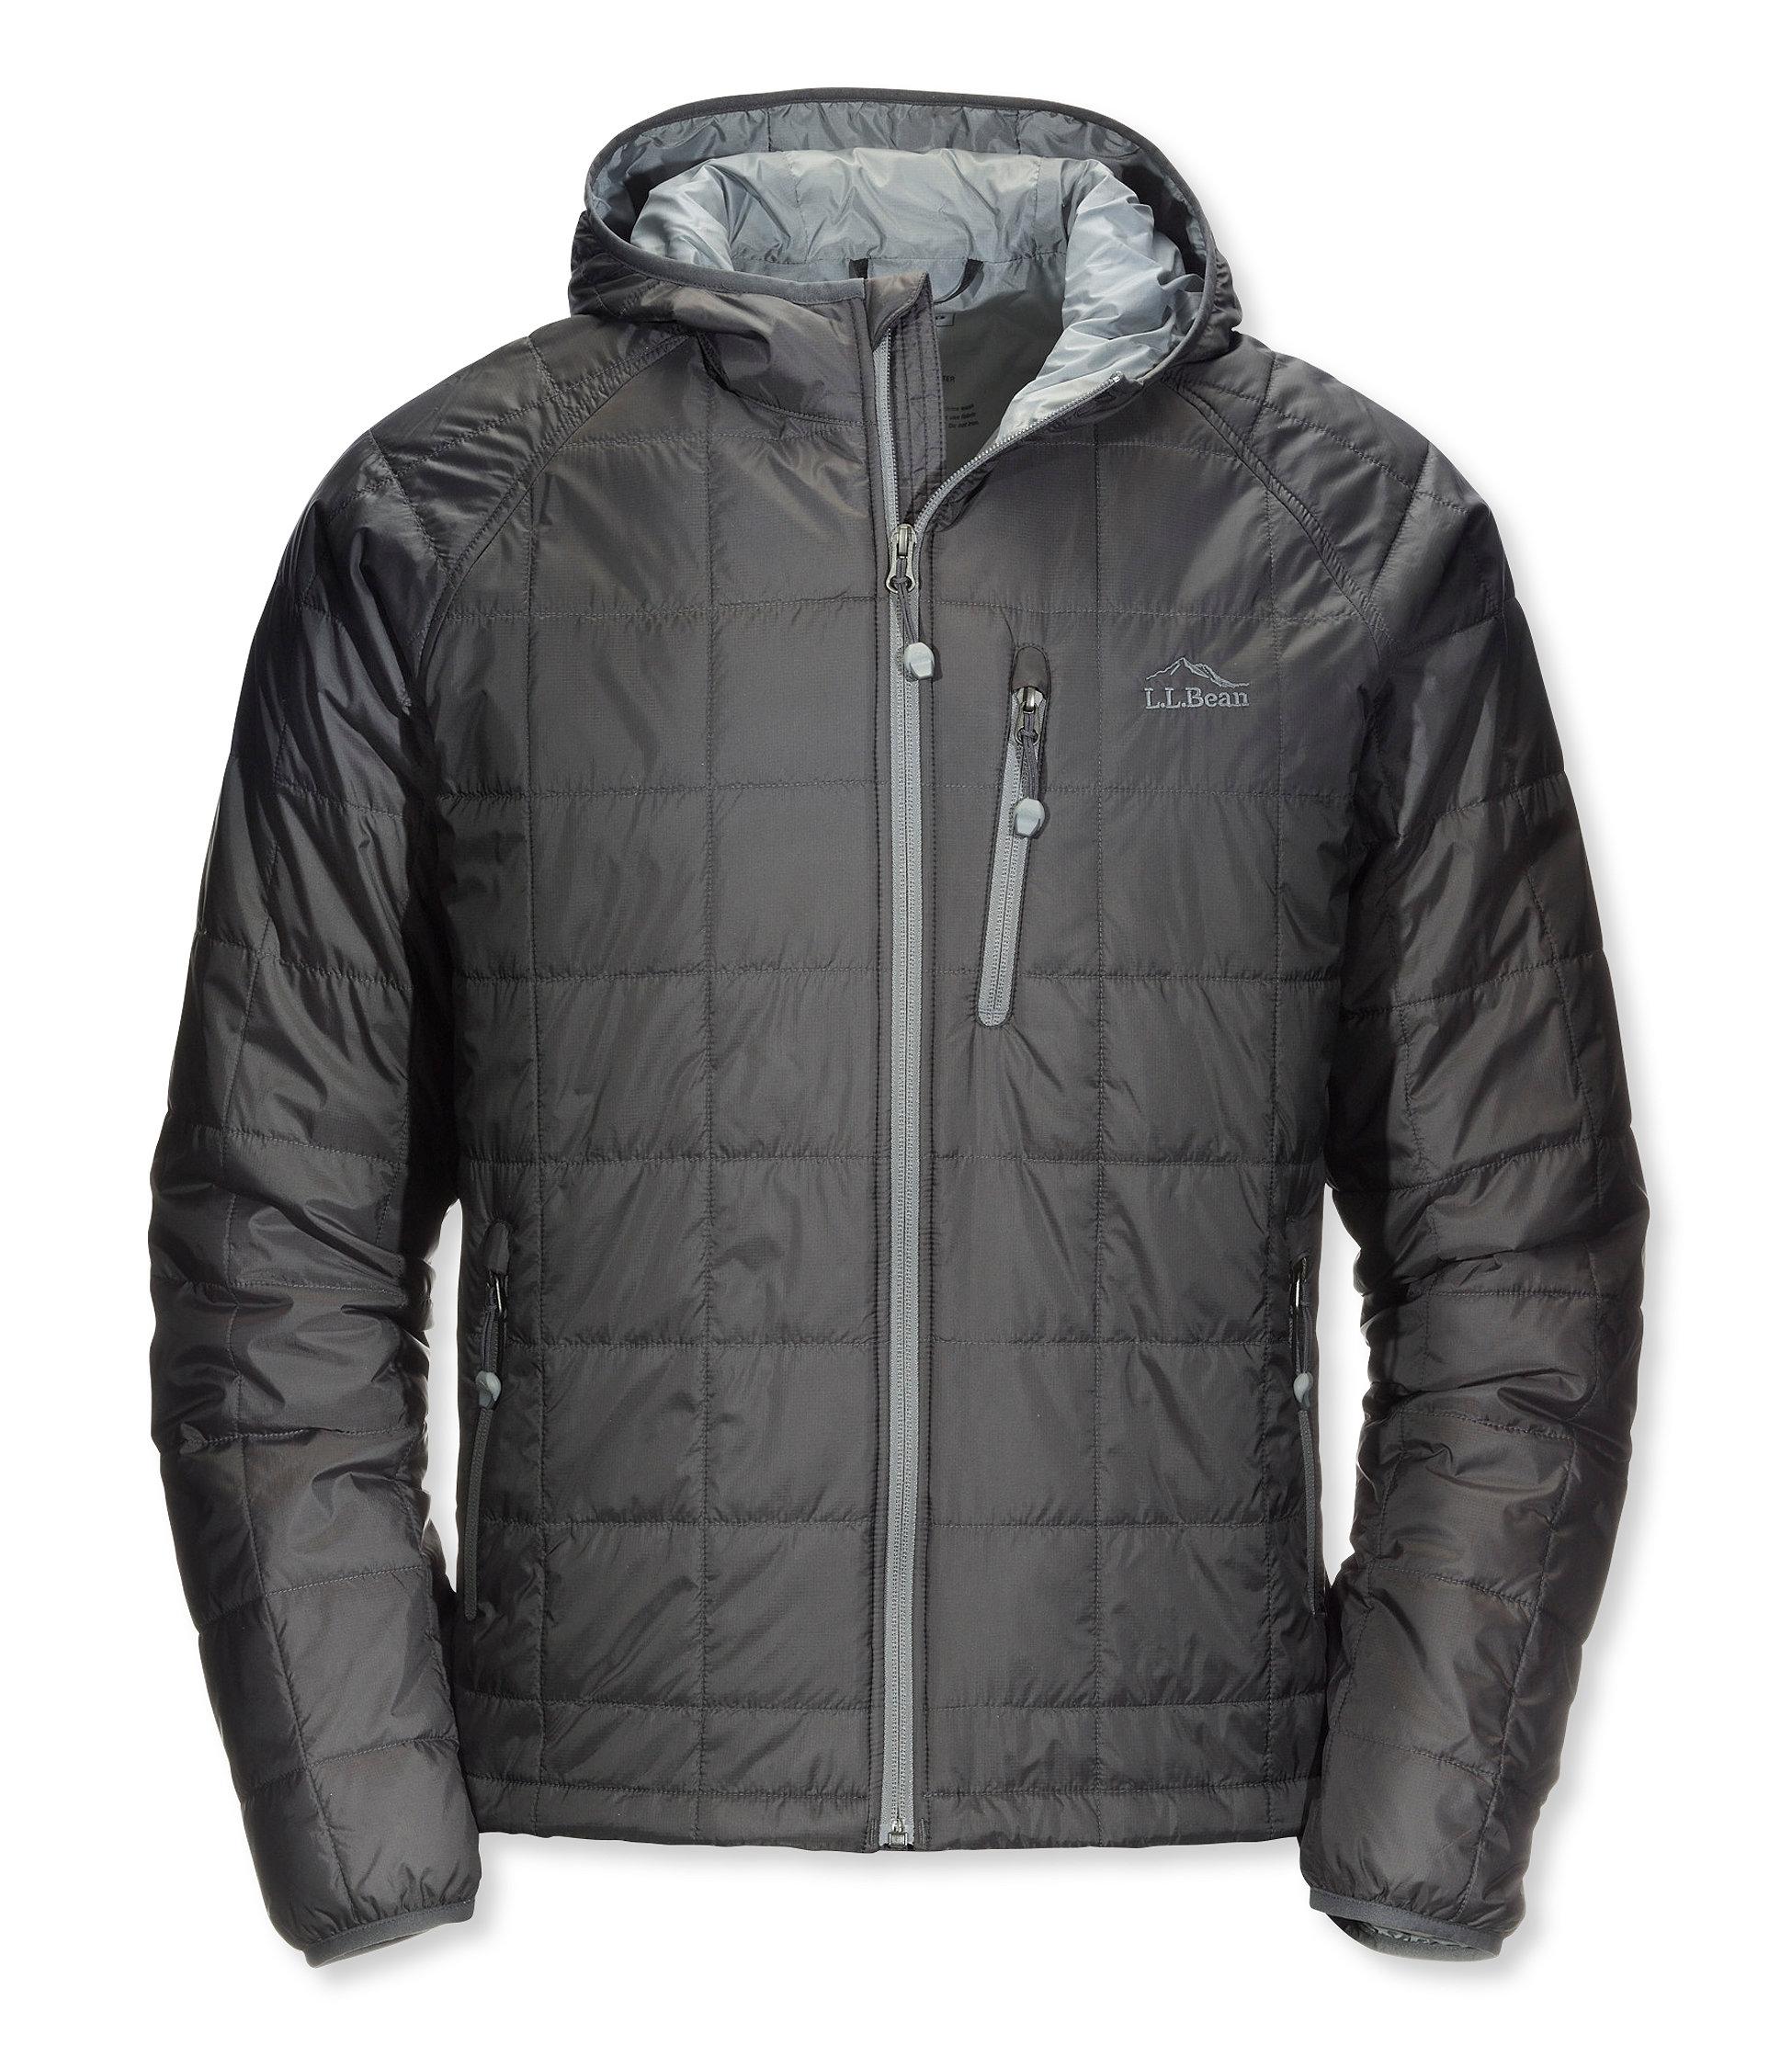 L.L.Bean Ascent Packaway Hooded Jacket